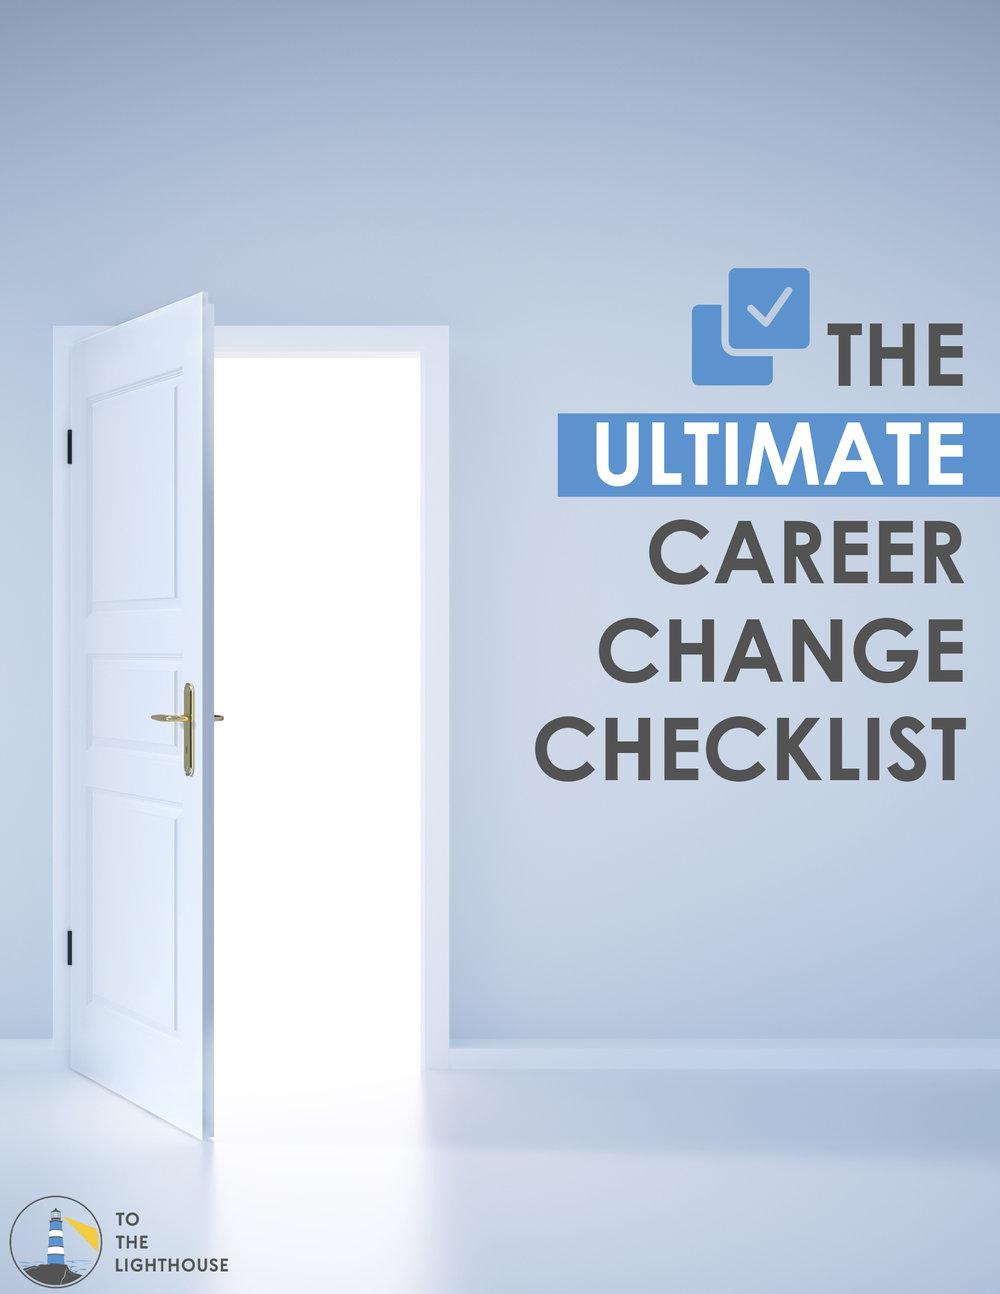 Career change check list